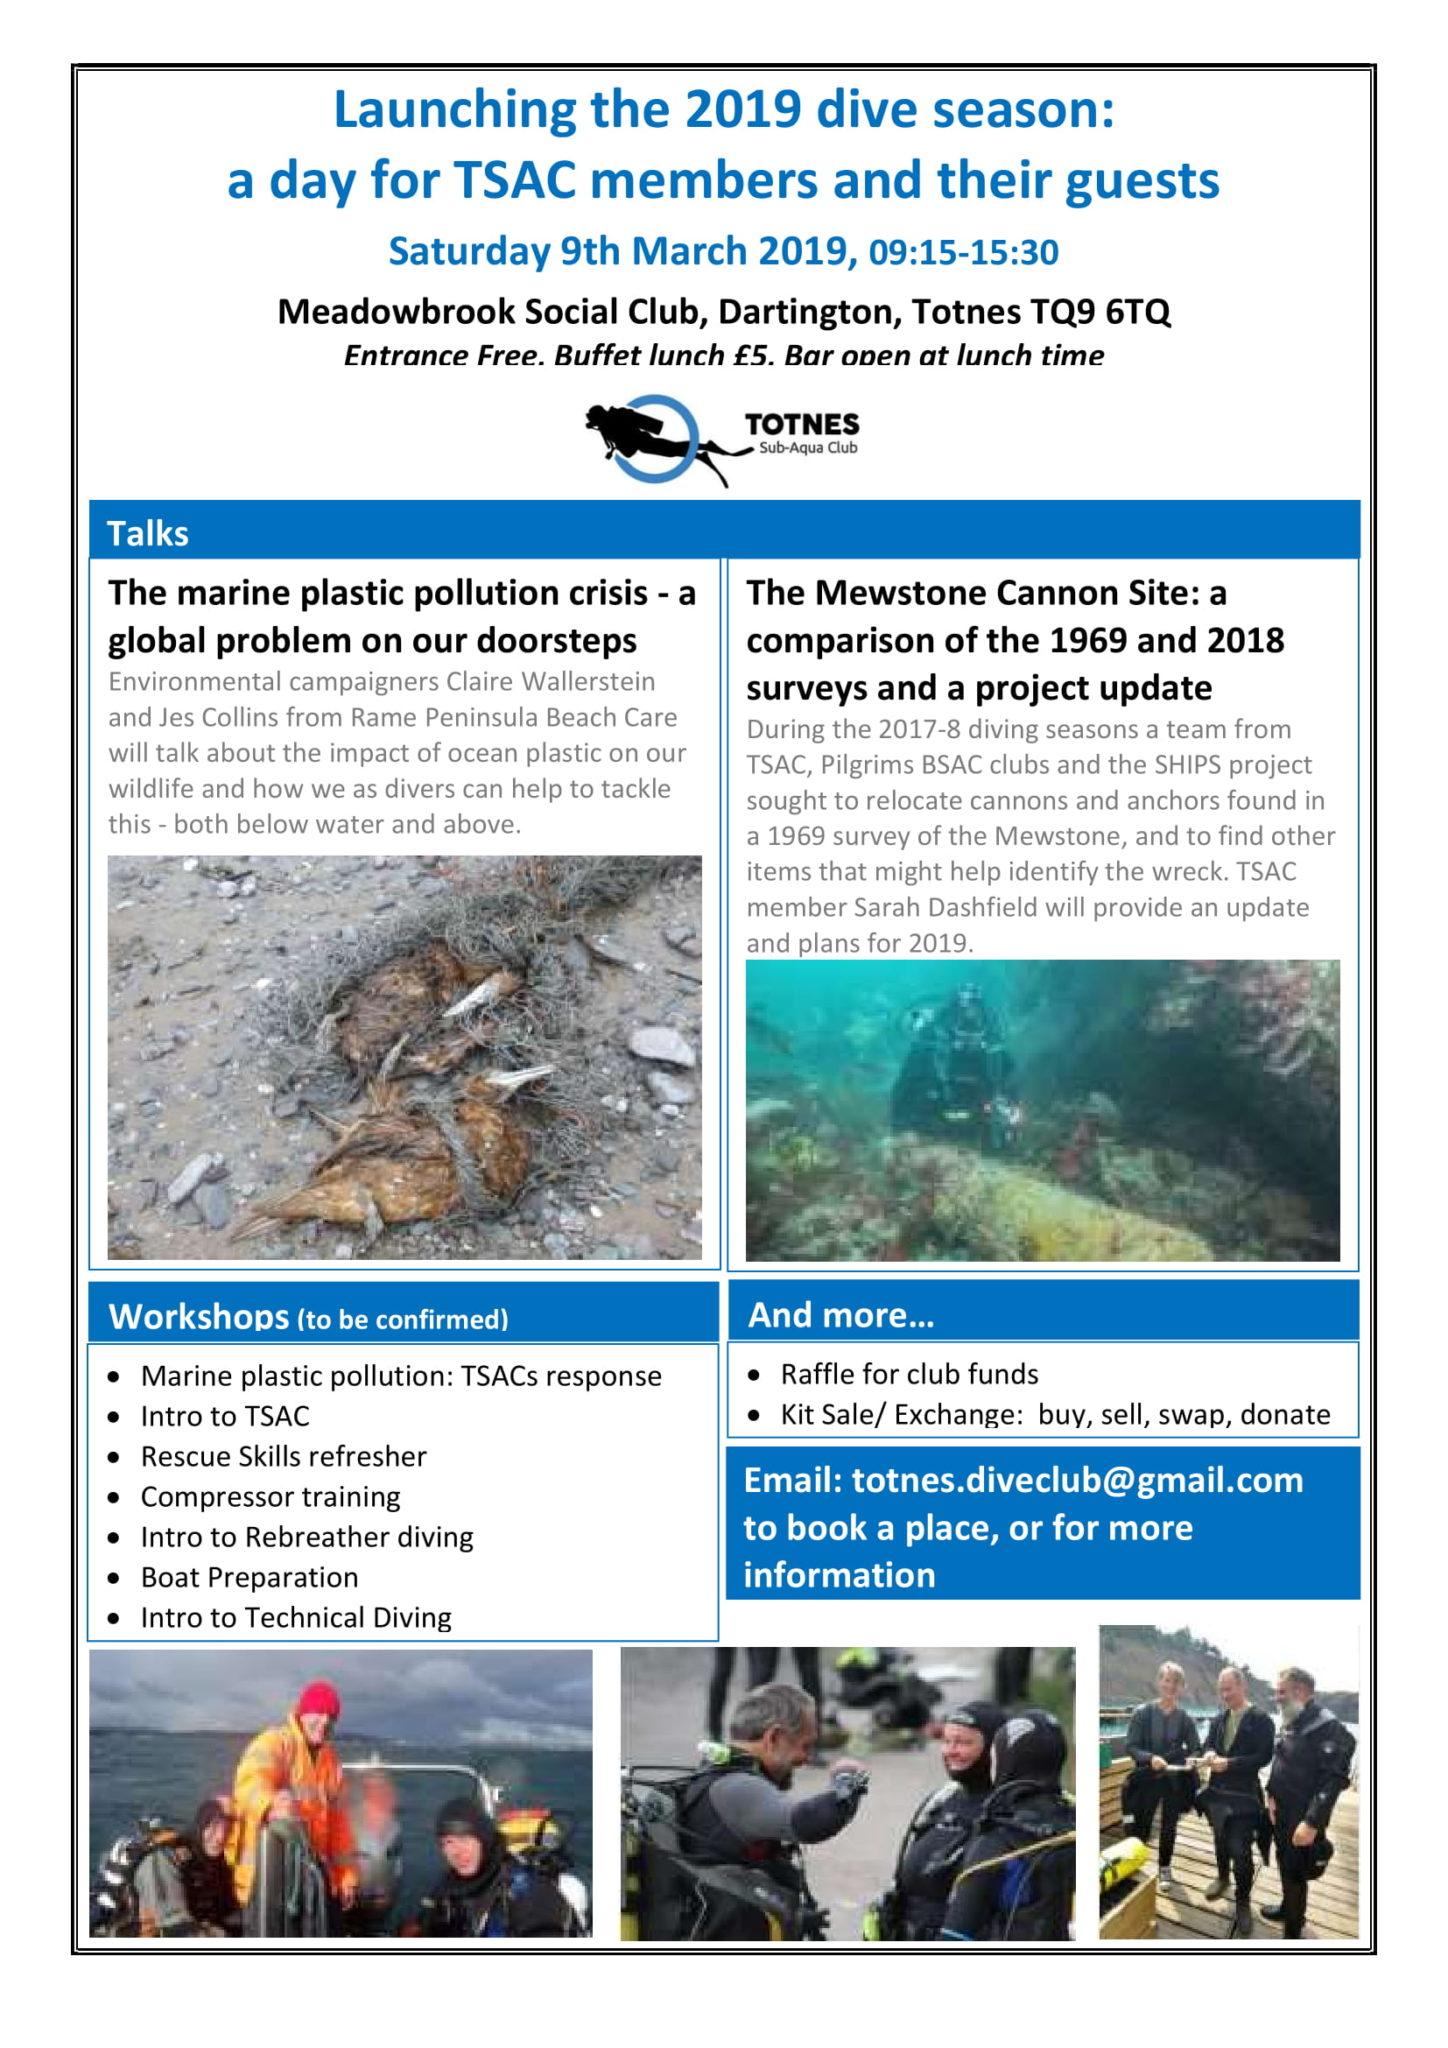 Totnes Sub Aqua Club Day Flyer